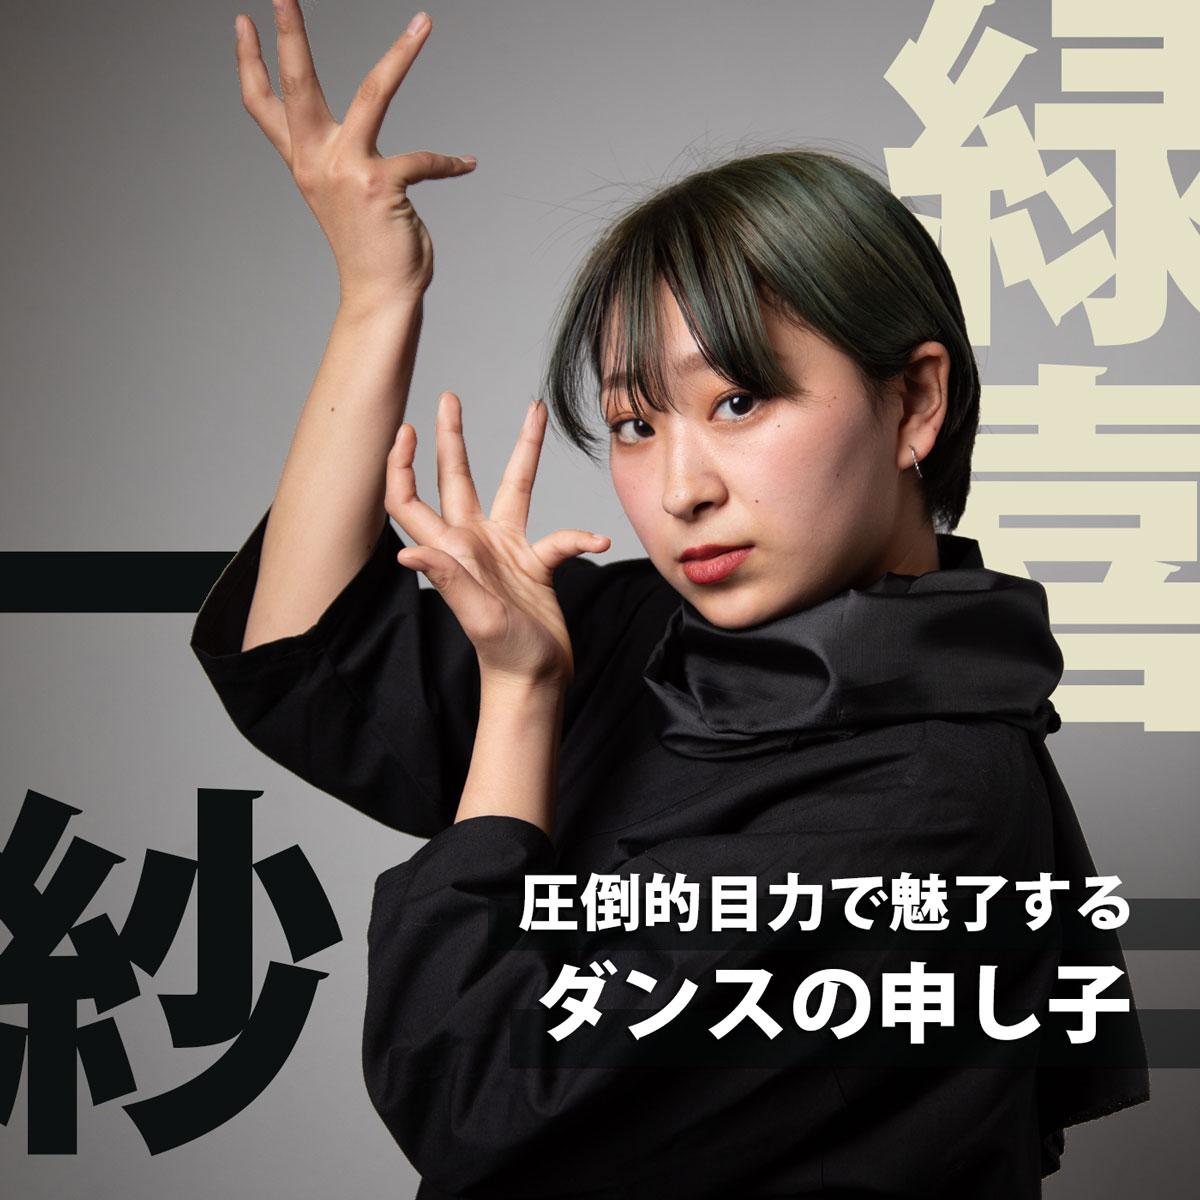 緑喜一紗「圧倒的目力で魅了するダンスの申し子」